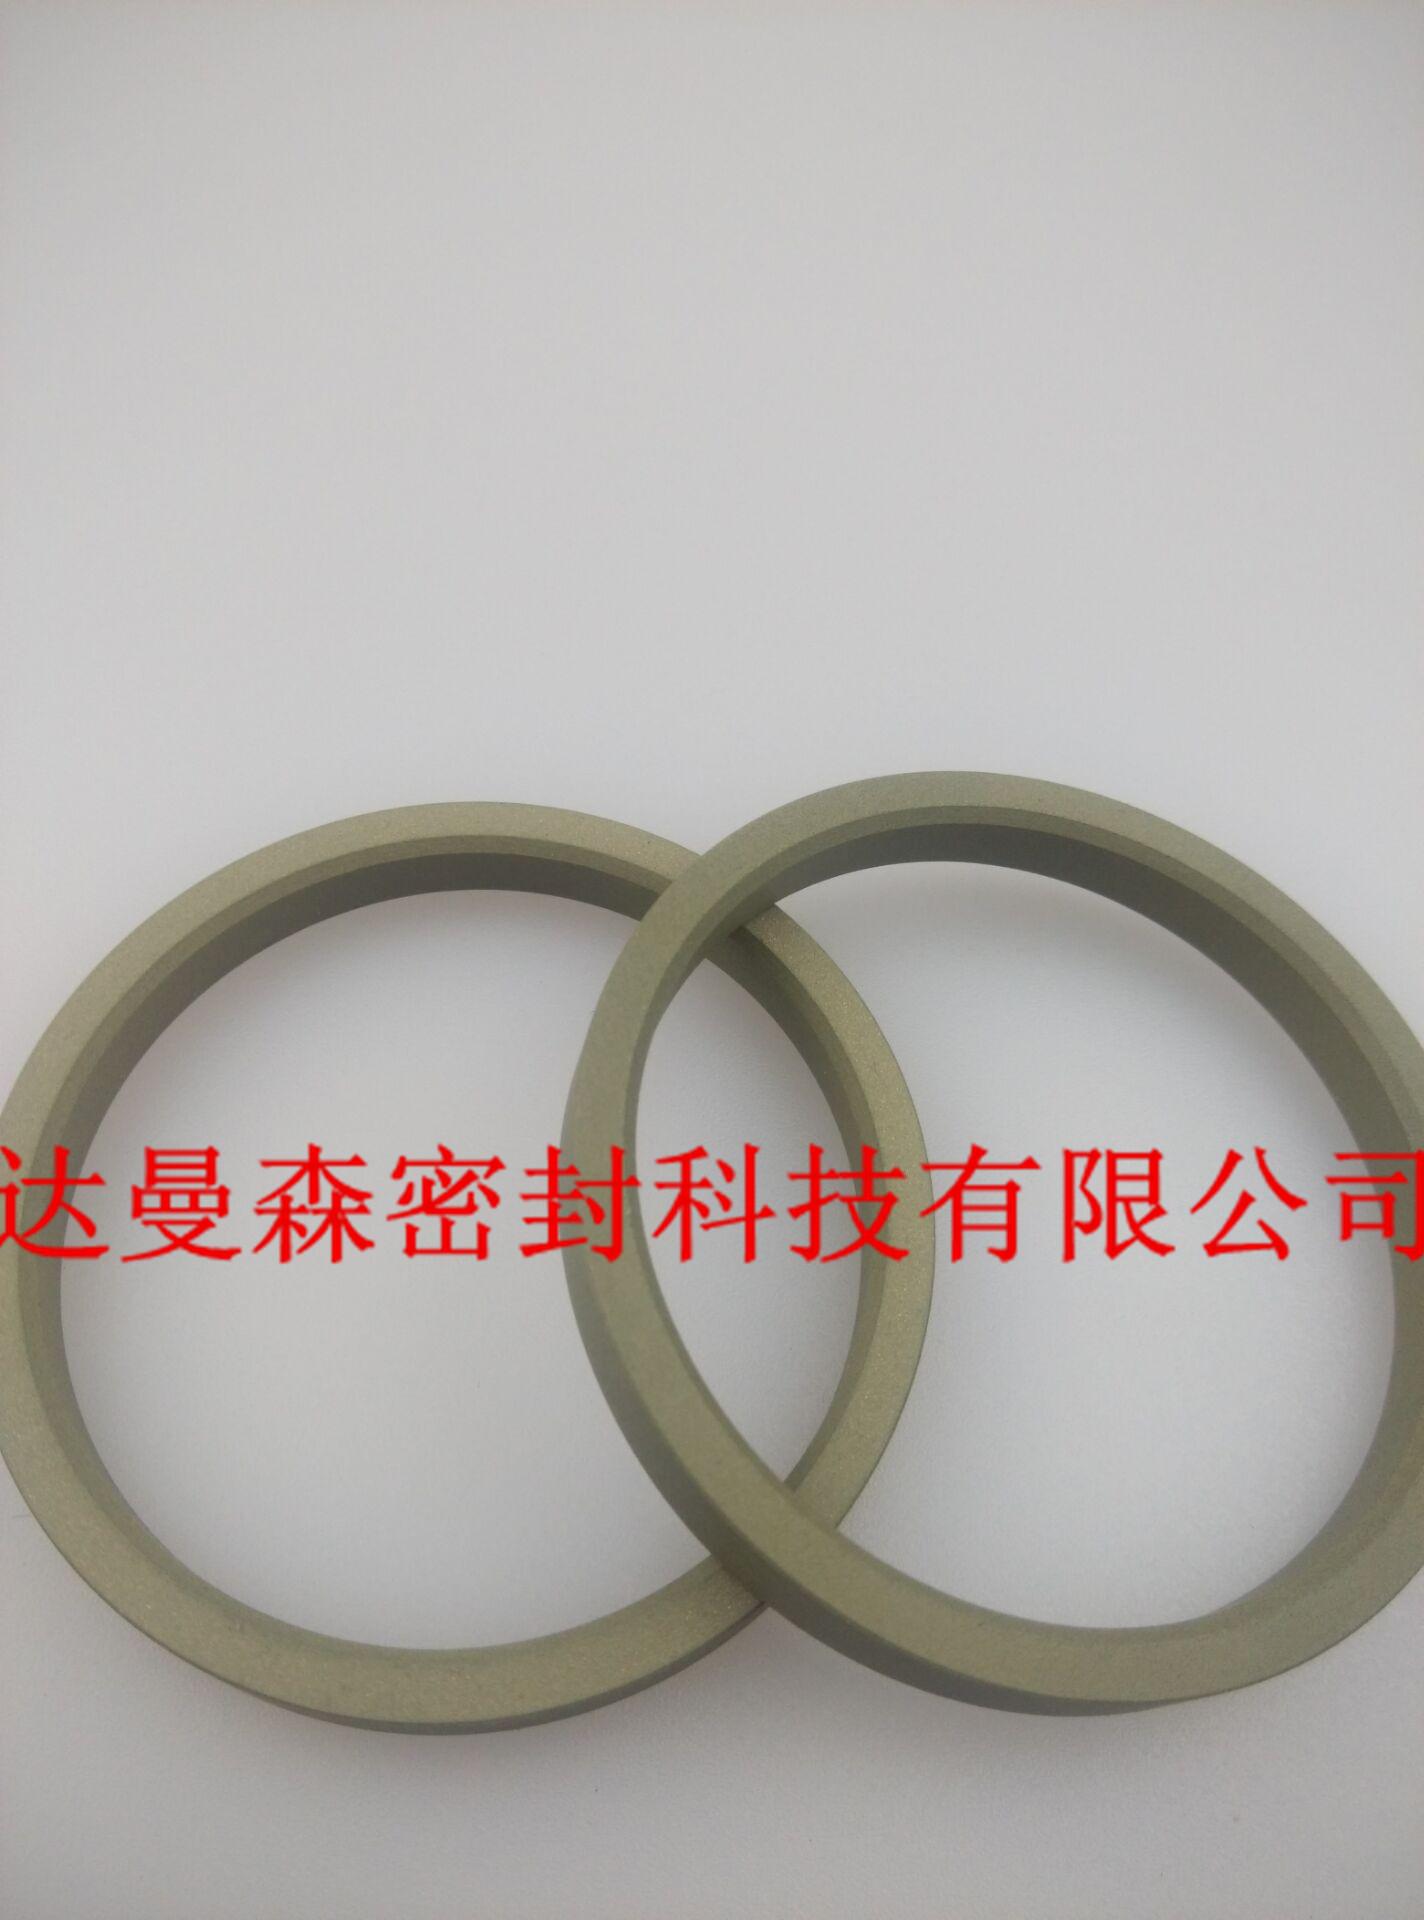 矩形密封圈 孔轴两用格莱圈 气动液压重载格莱圈 油缸密封件厂家